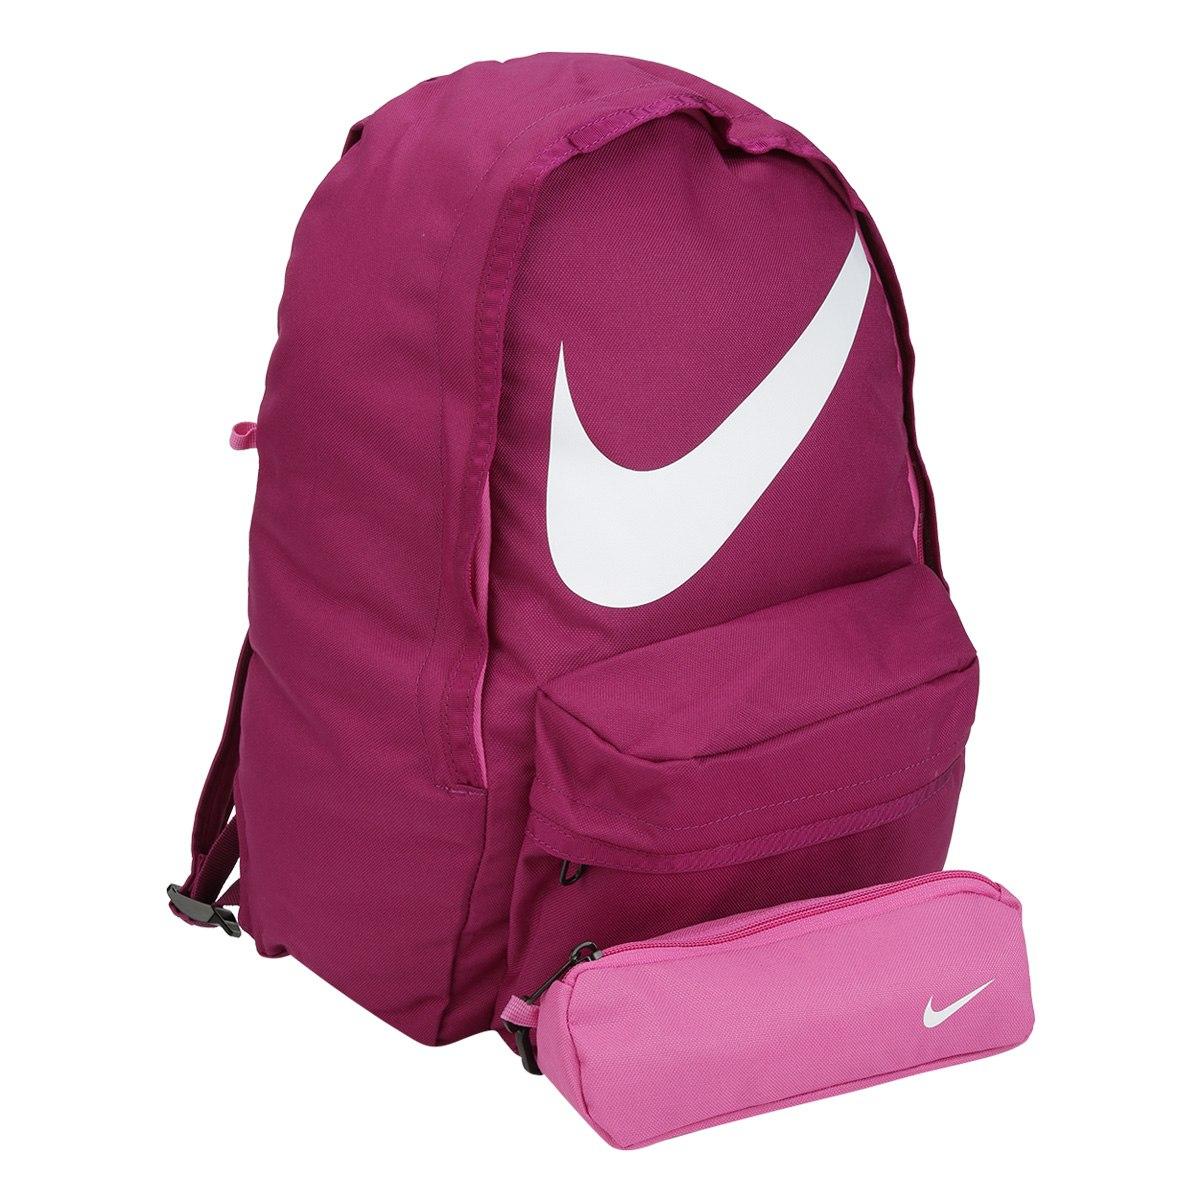 22e3e5689 Mochila Nike Halfday Back To School - 23l - R$ 119,99 em Mercado Livre